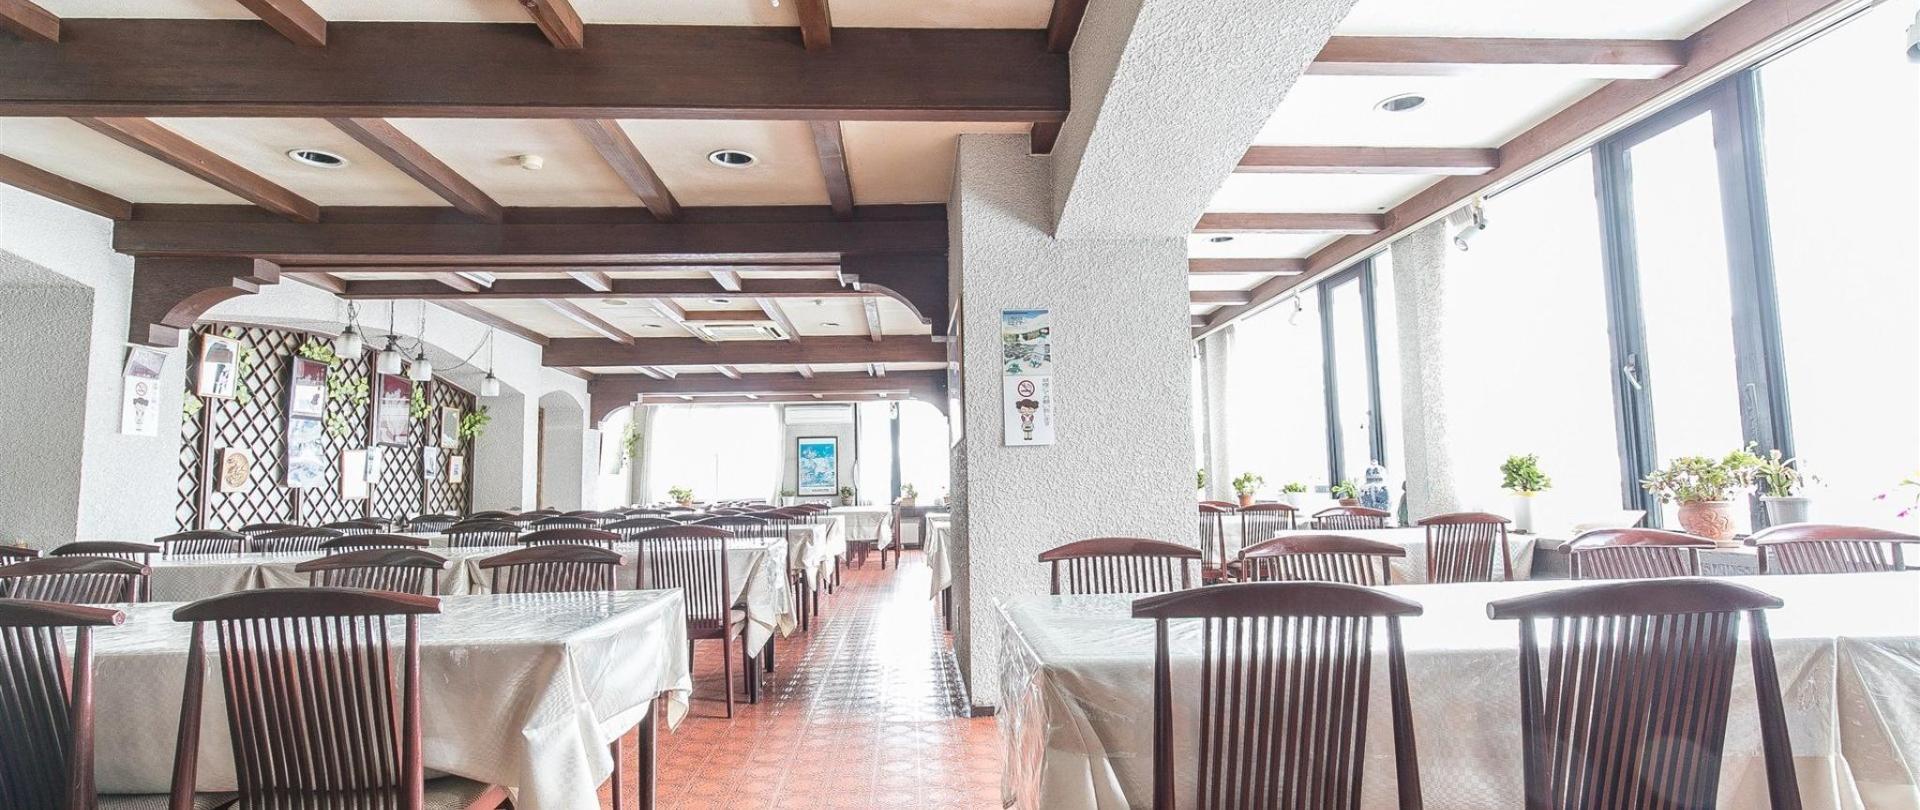 Tsugaike Kohgen Hotel